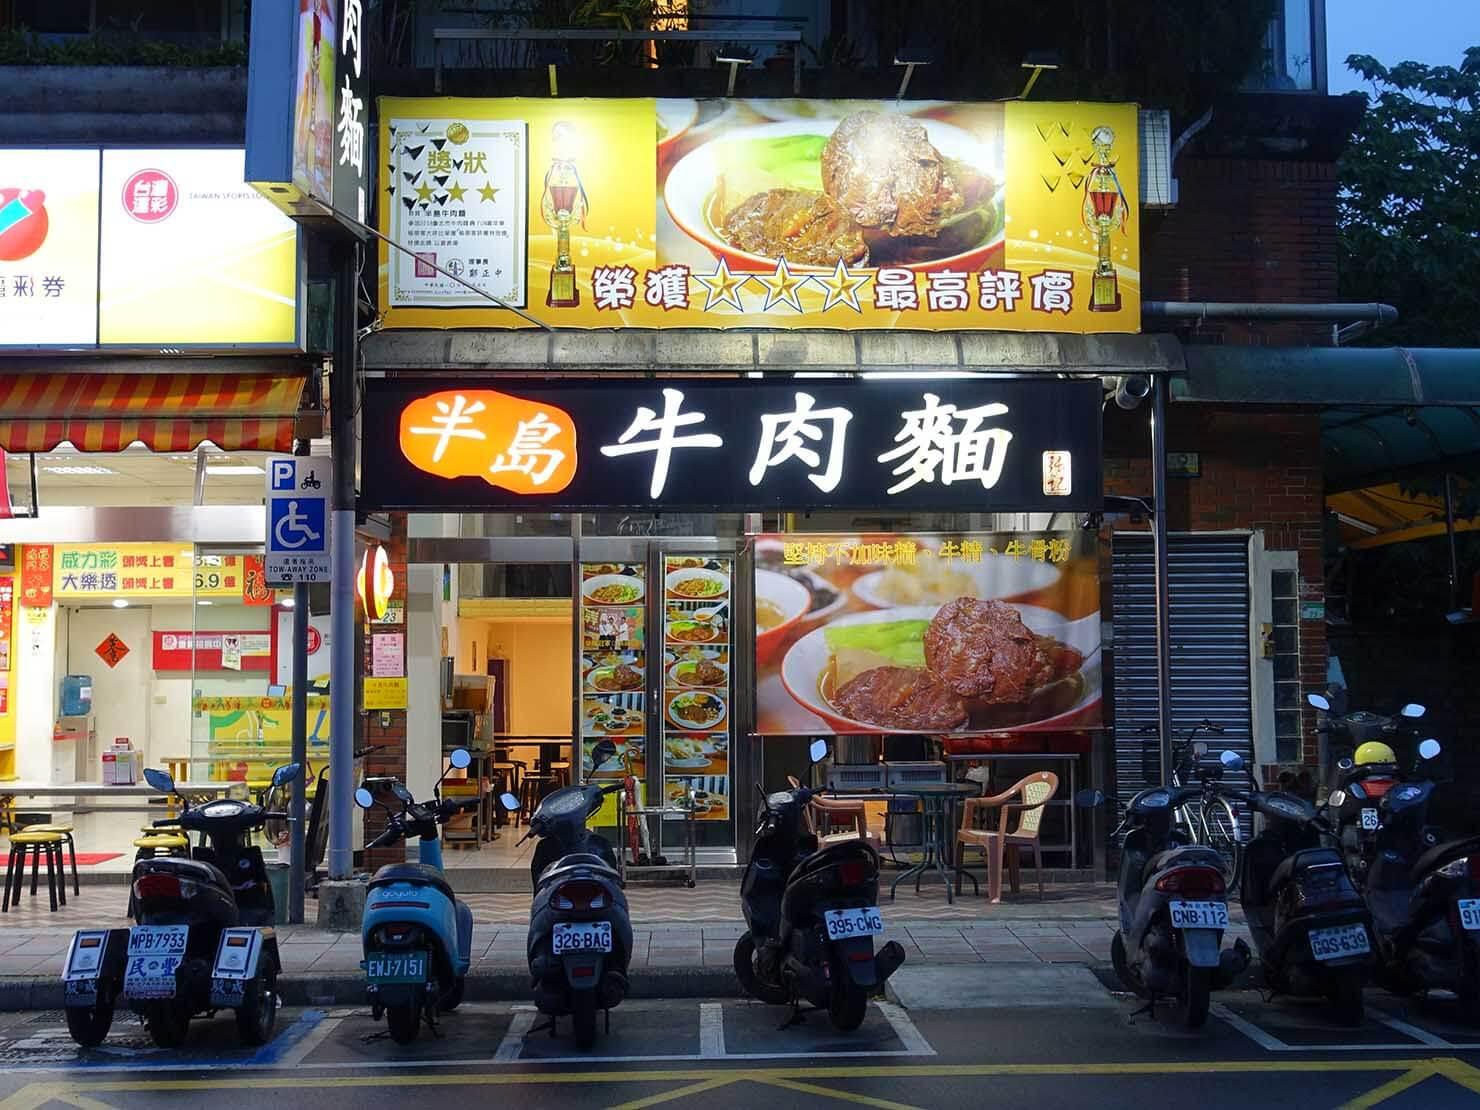 台北101エリア・MRT市政府駅周辺のおすすめグルメ店「半島牛肉麵」の外観